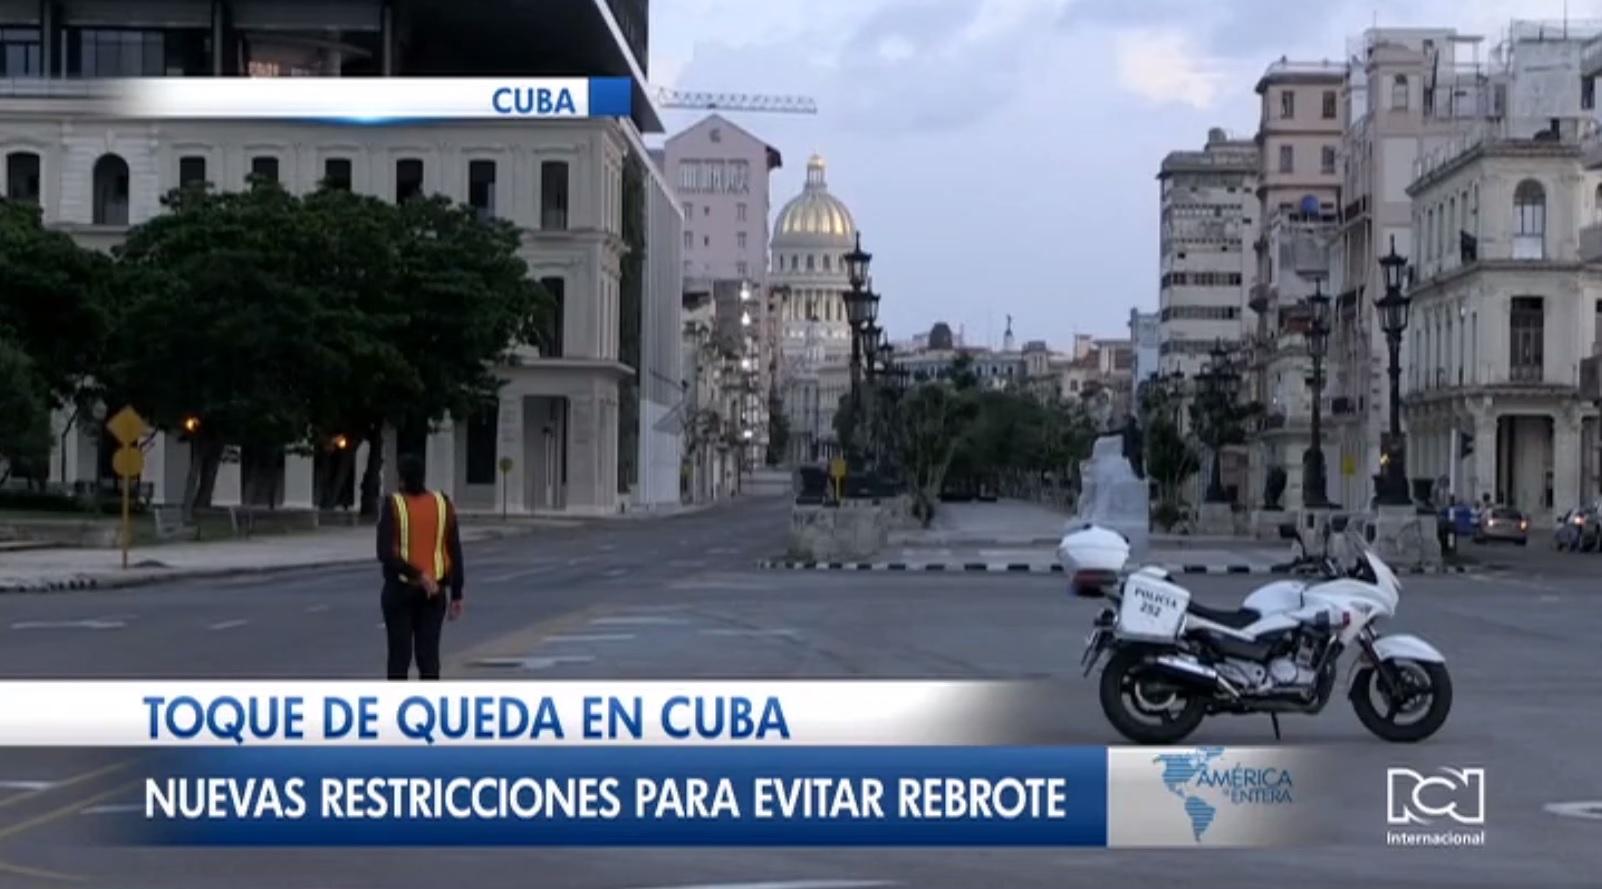 Cuba impone toque de queda y restricciones al comercio para evitar rebrote de Covid-19